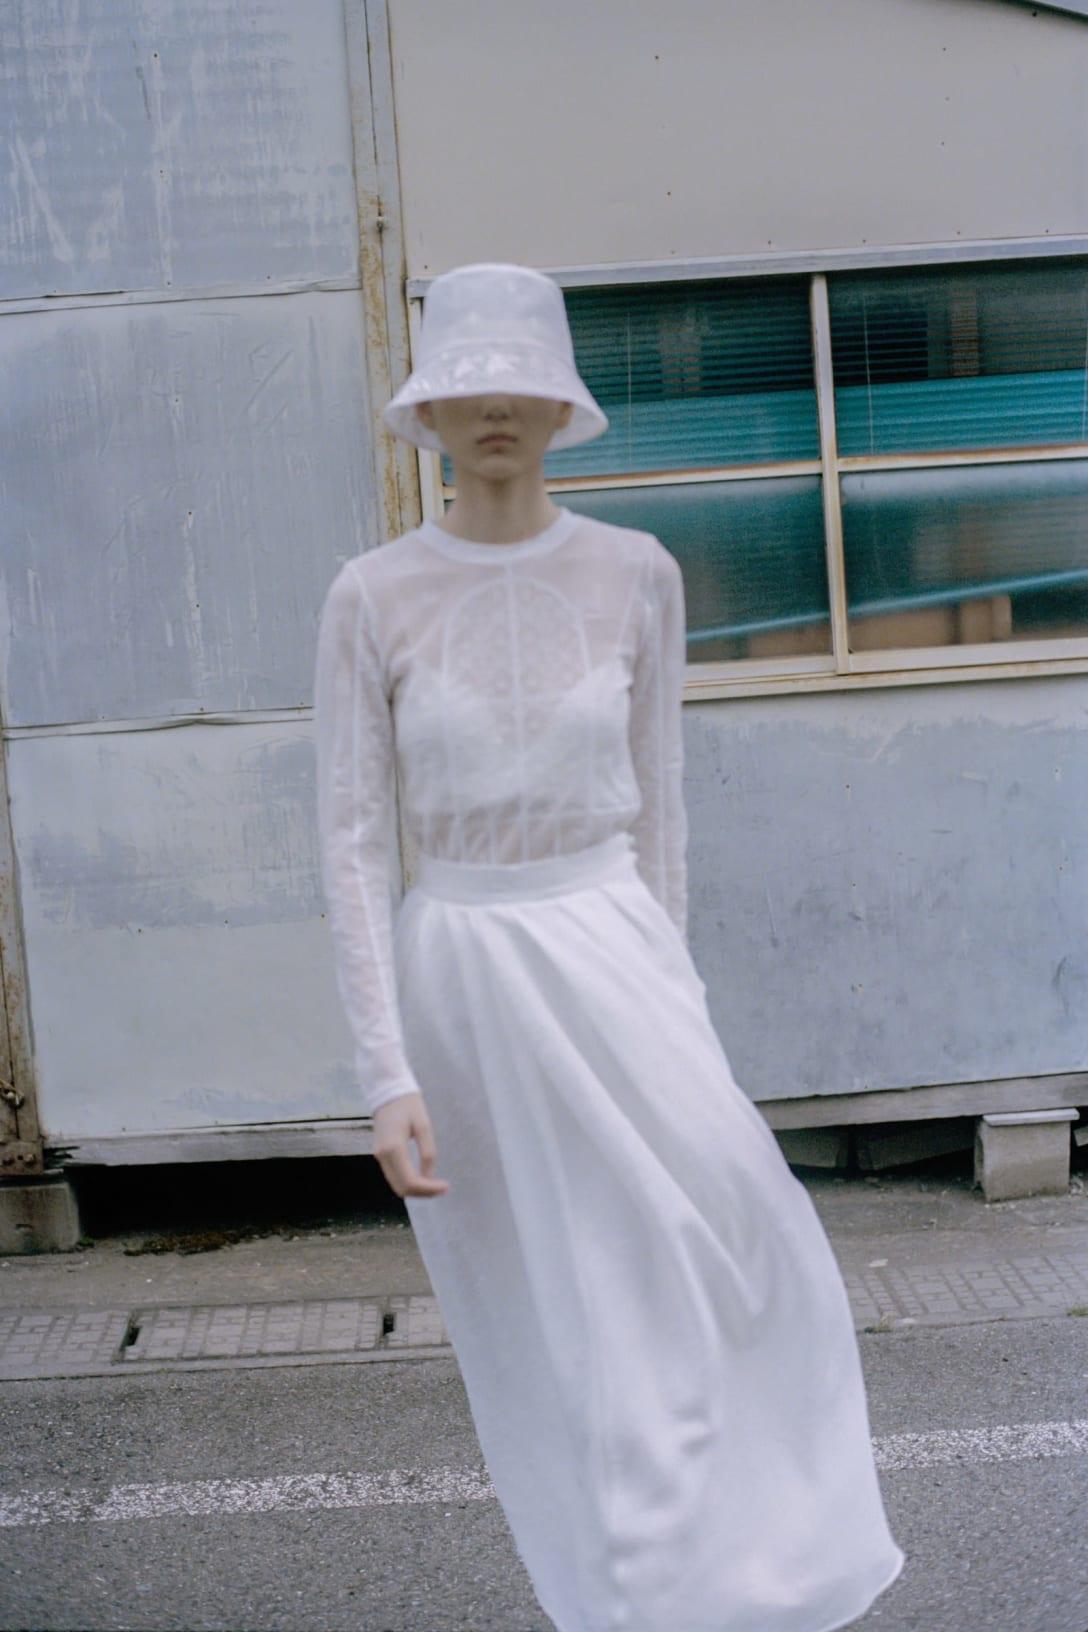 「Mame Kurogouch」2021年春夏コレクションより Image by Mame Kurogouchi